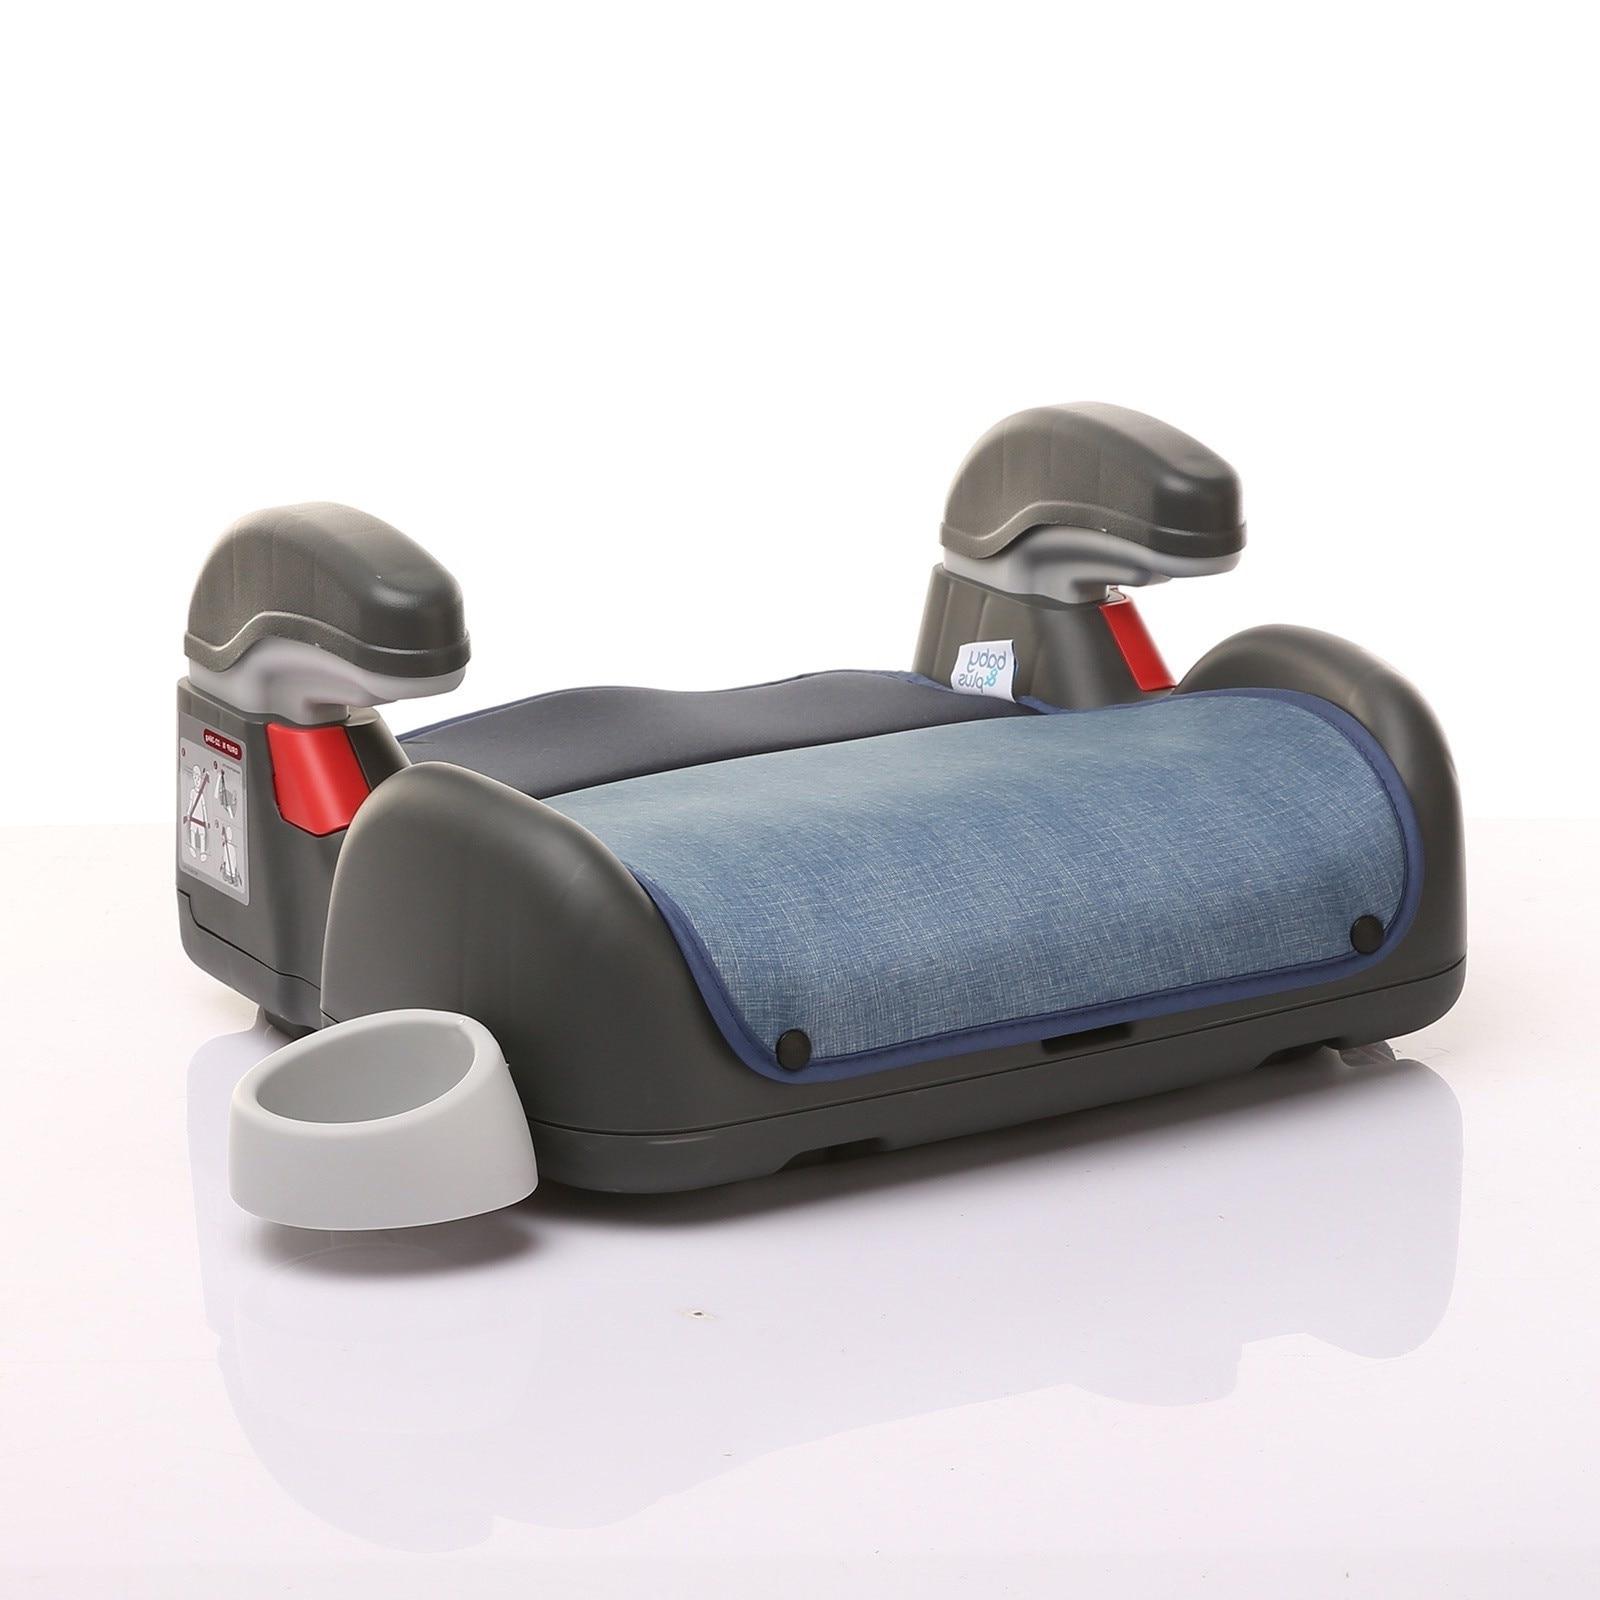 Ebebek baby plus Duet Isofix Riser и детское кресло для кормления